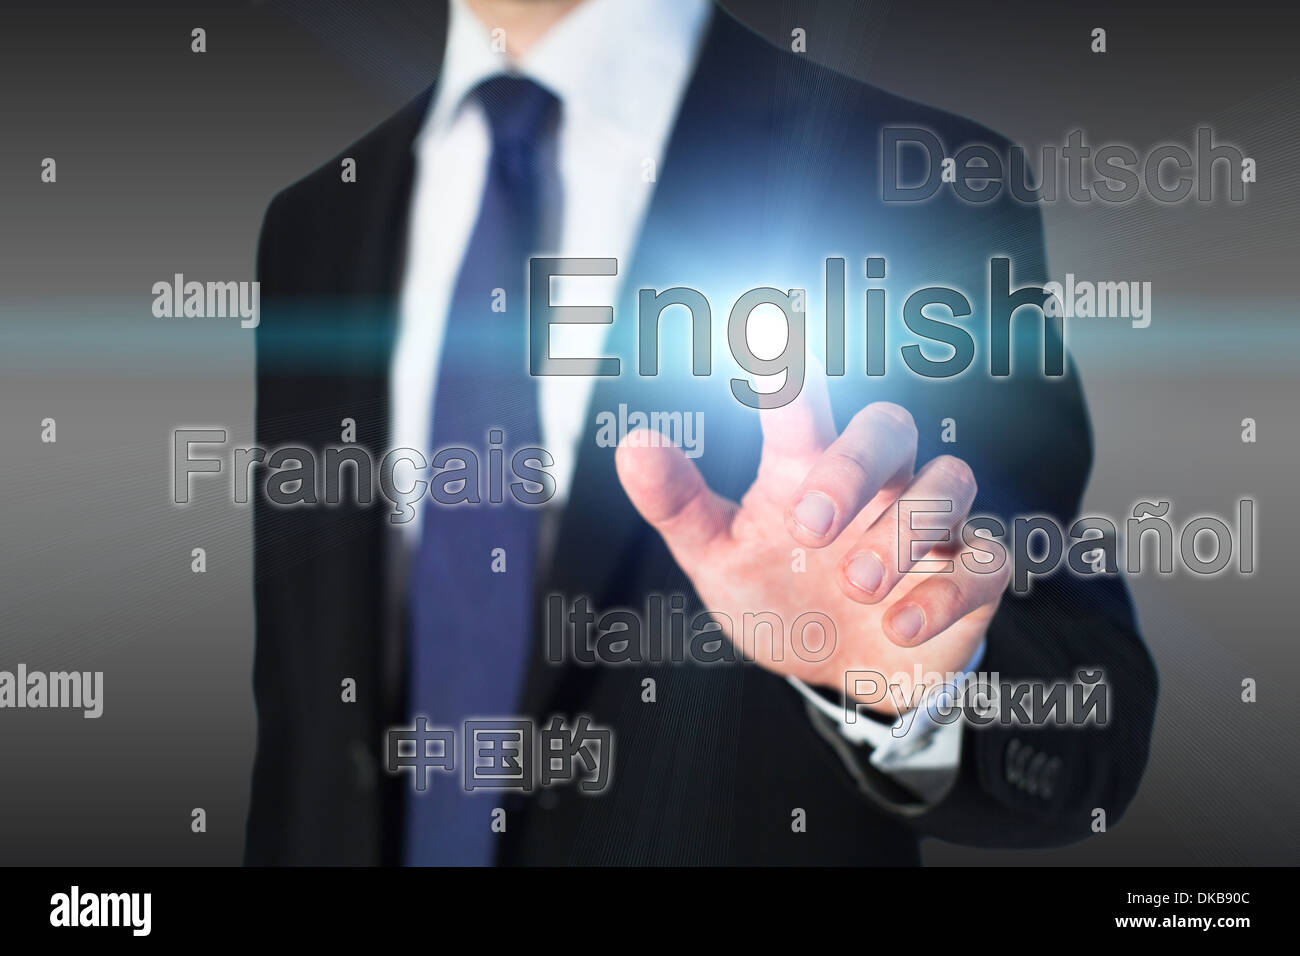 Aprender inglés, la escuela de idiomas, concepto Imagen De Stock